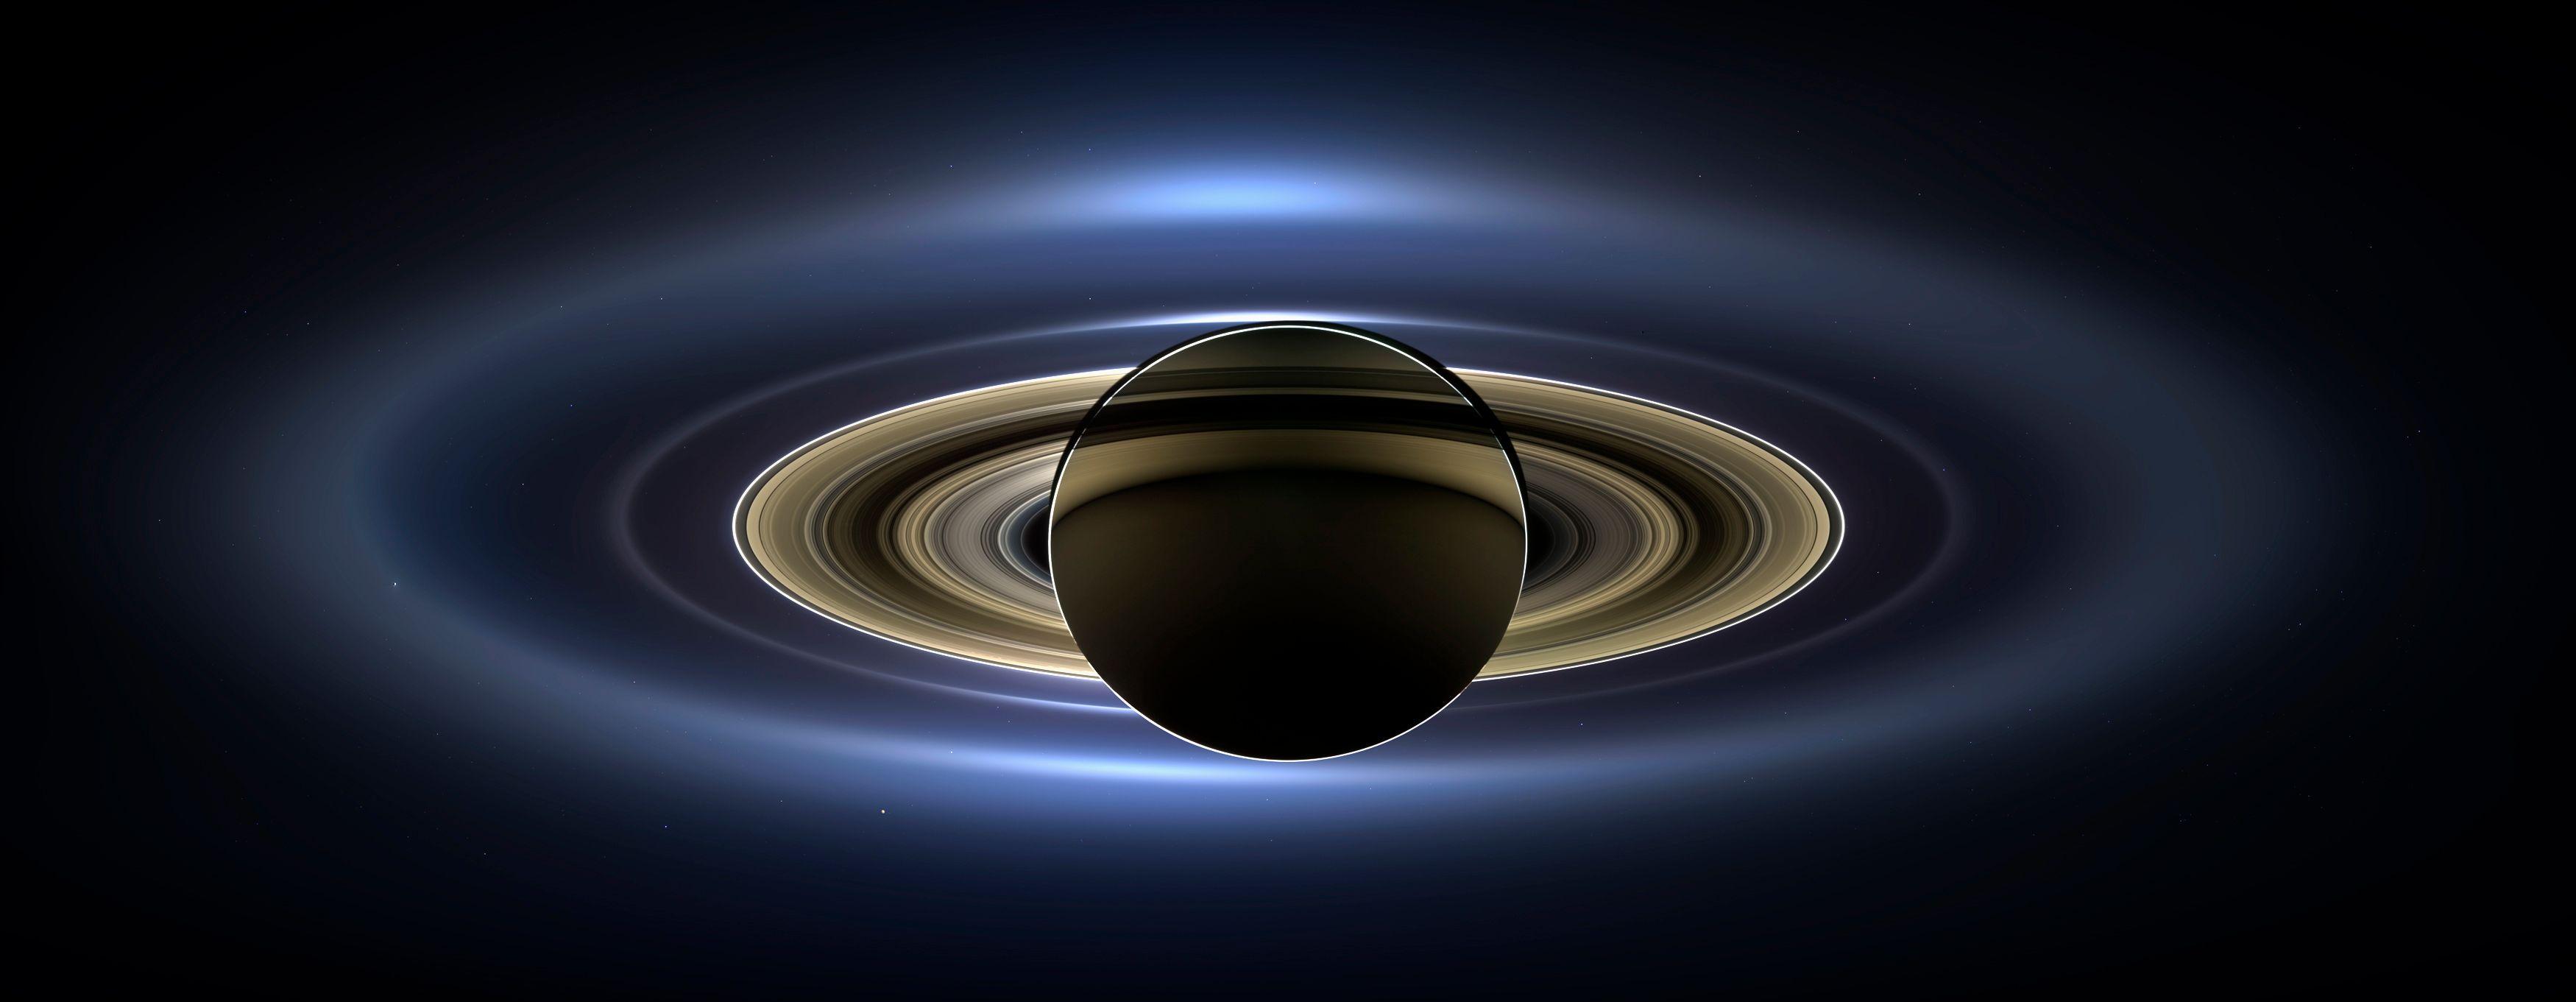 Saturne est bien plus petite